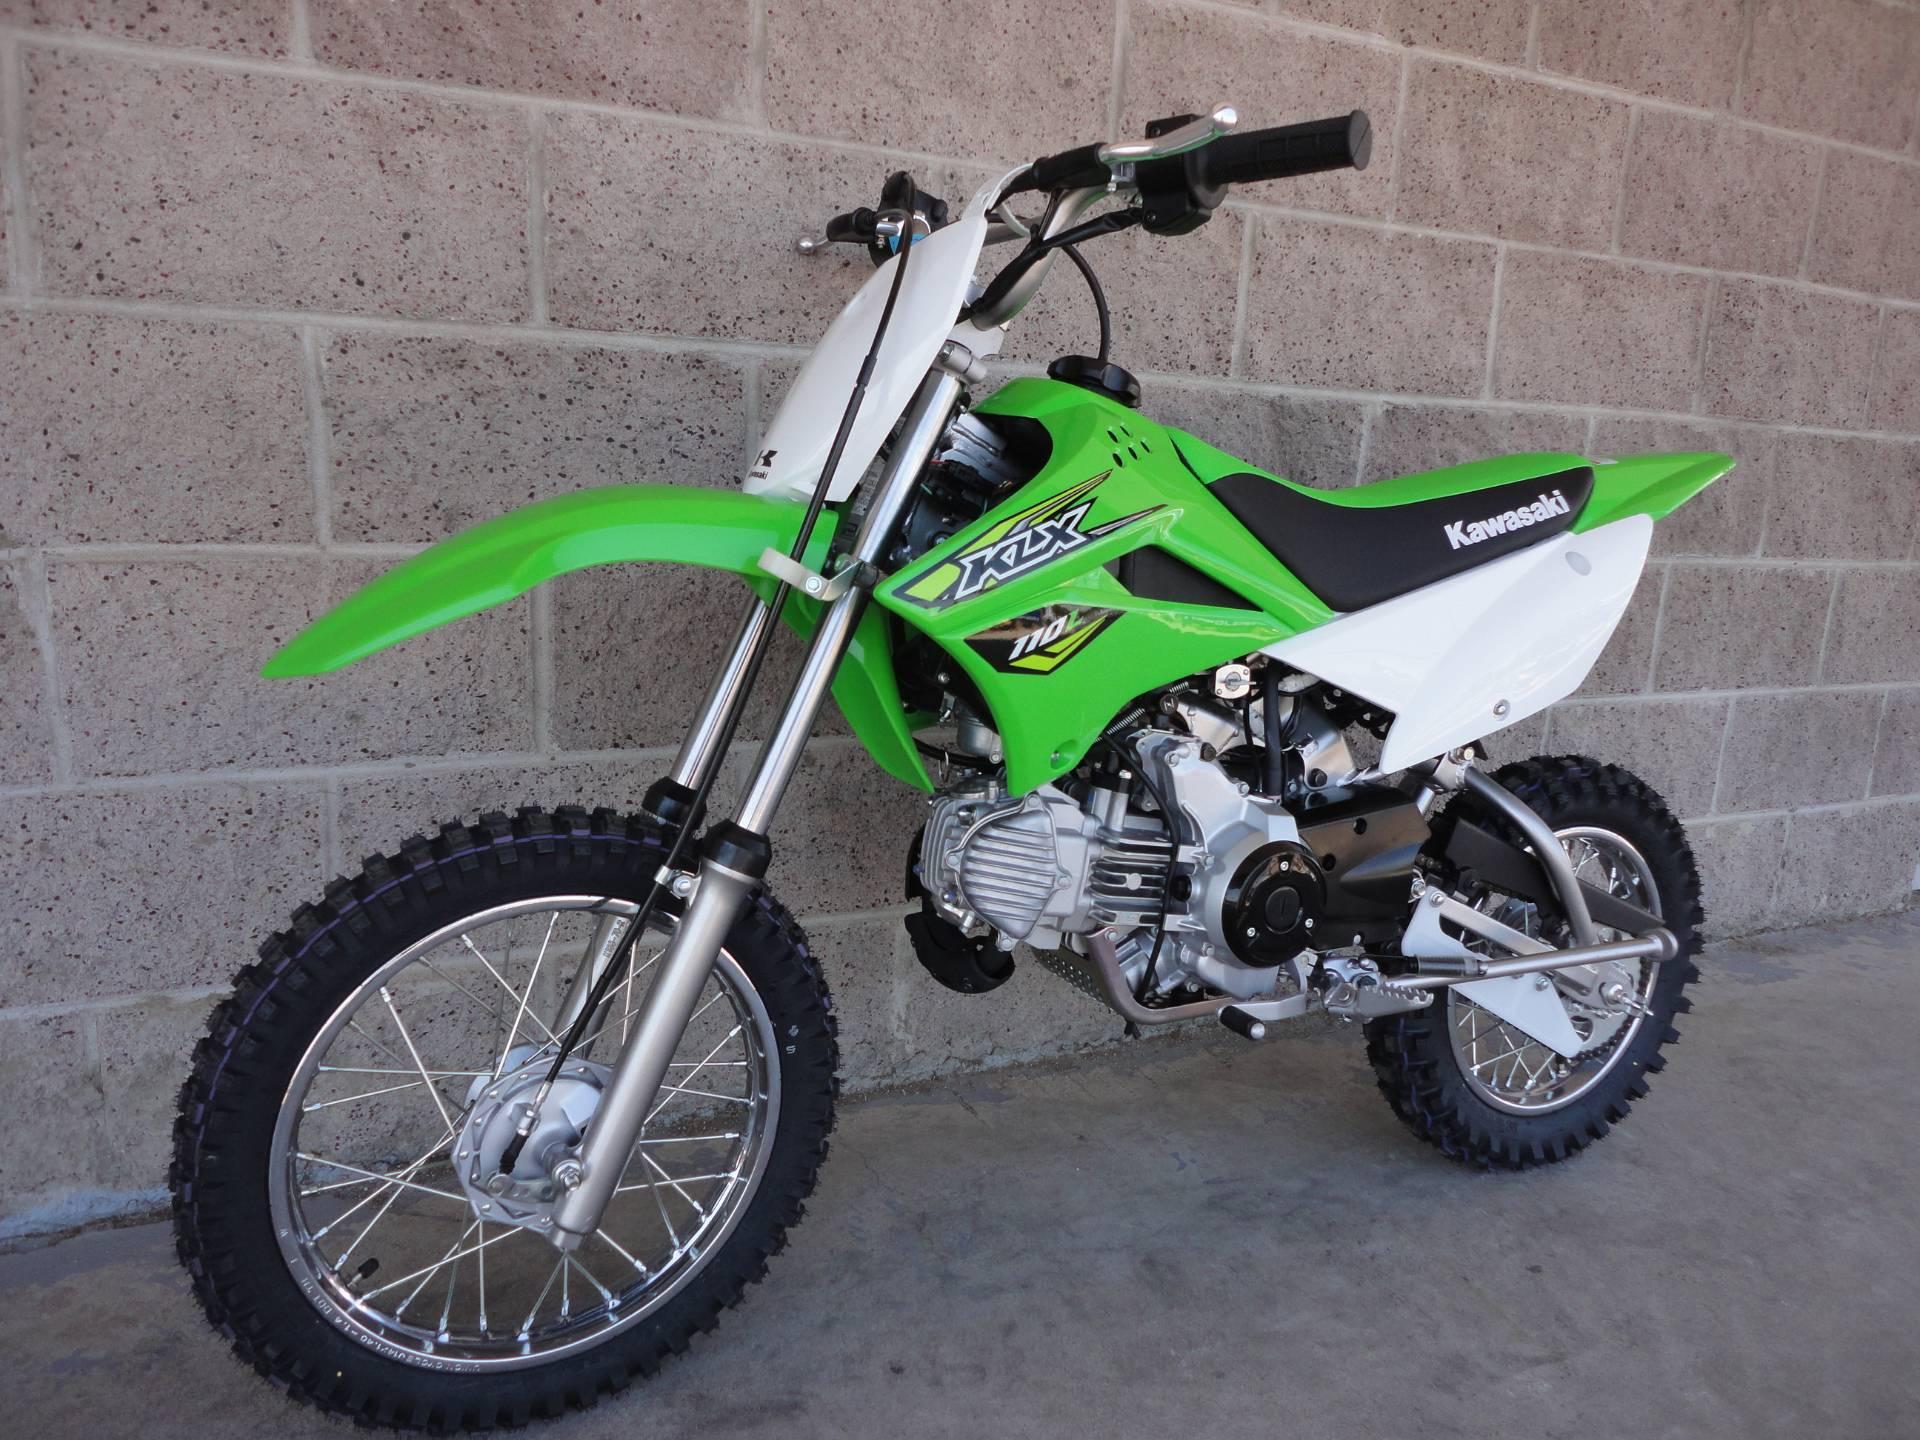 2018 Kawasaki KLX 110L Motorcycles Denver Colorado P0462